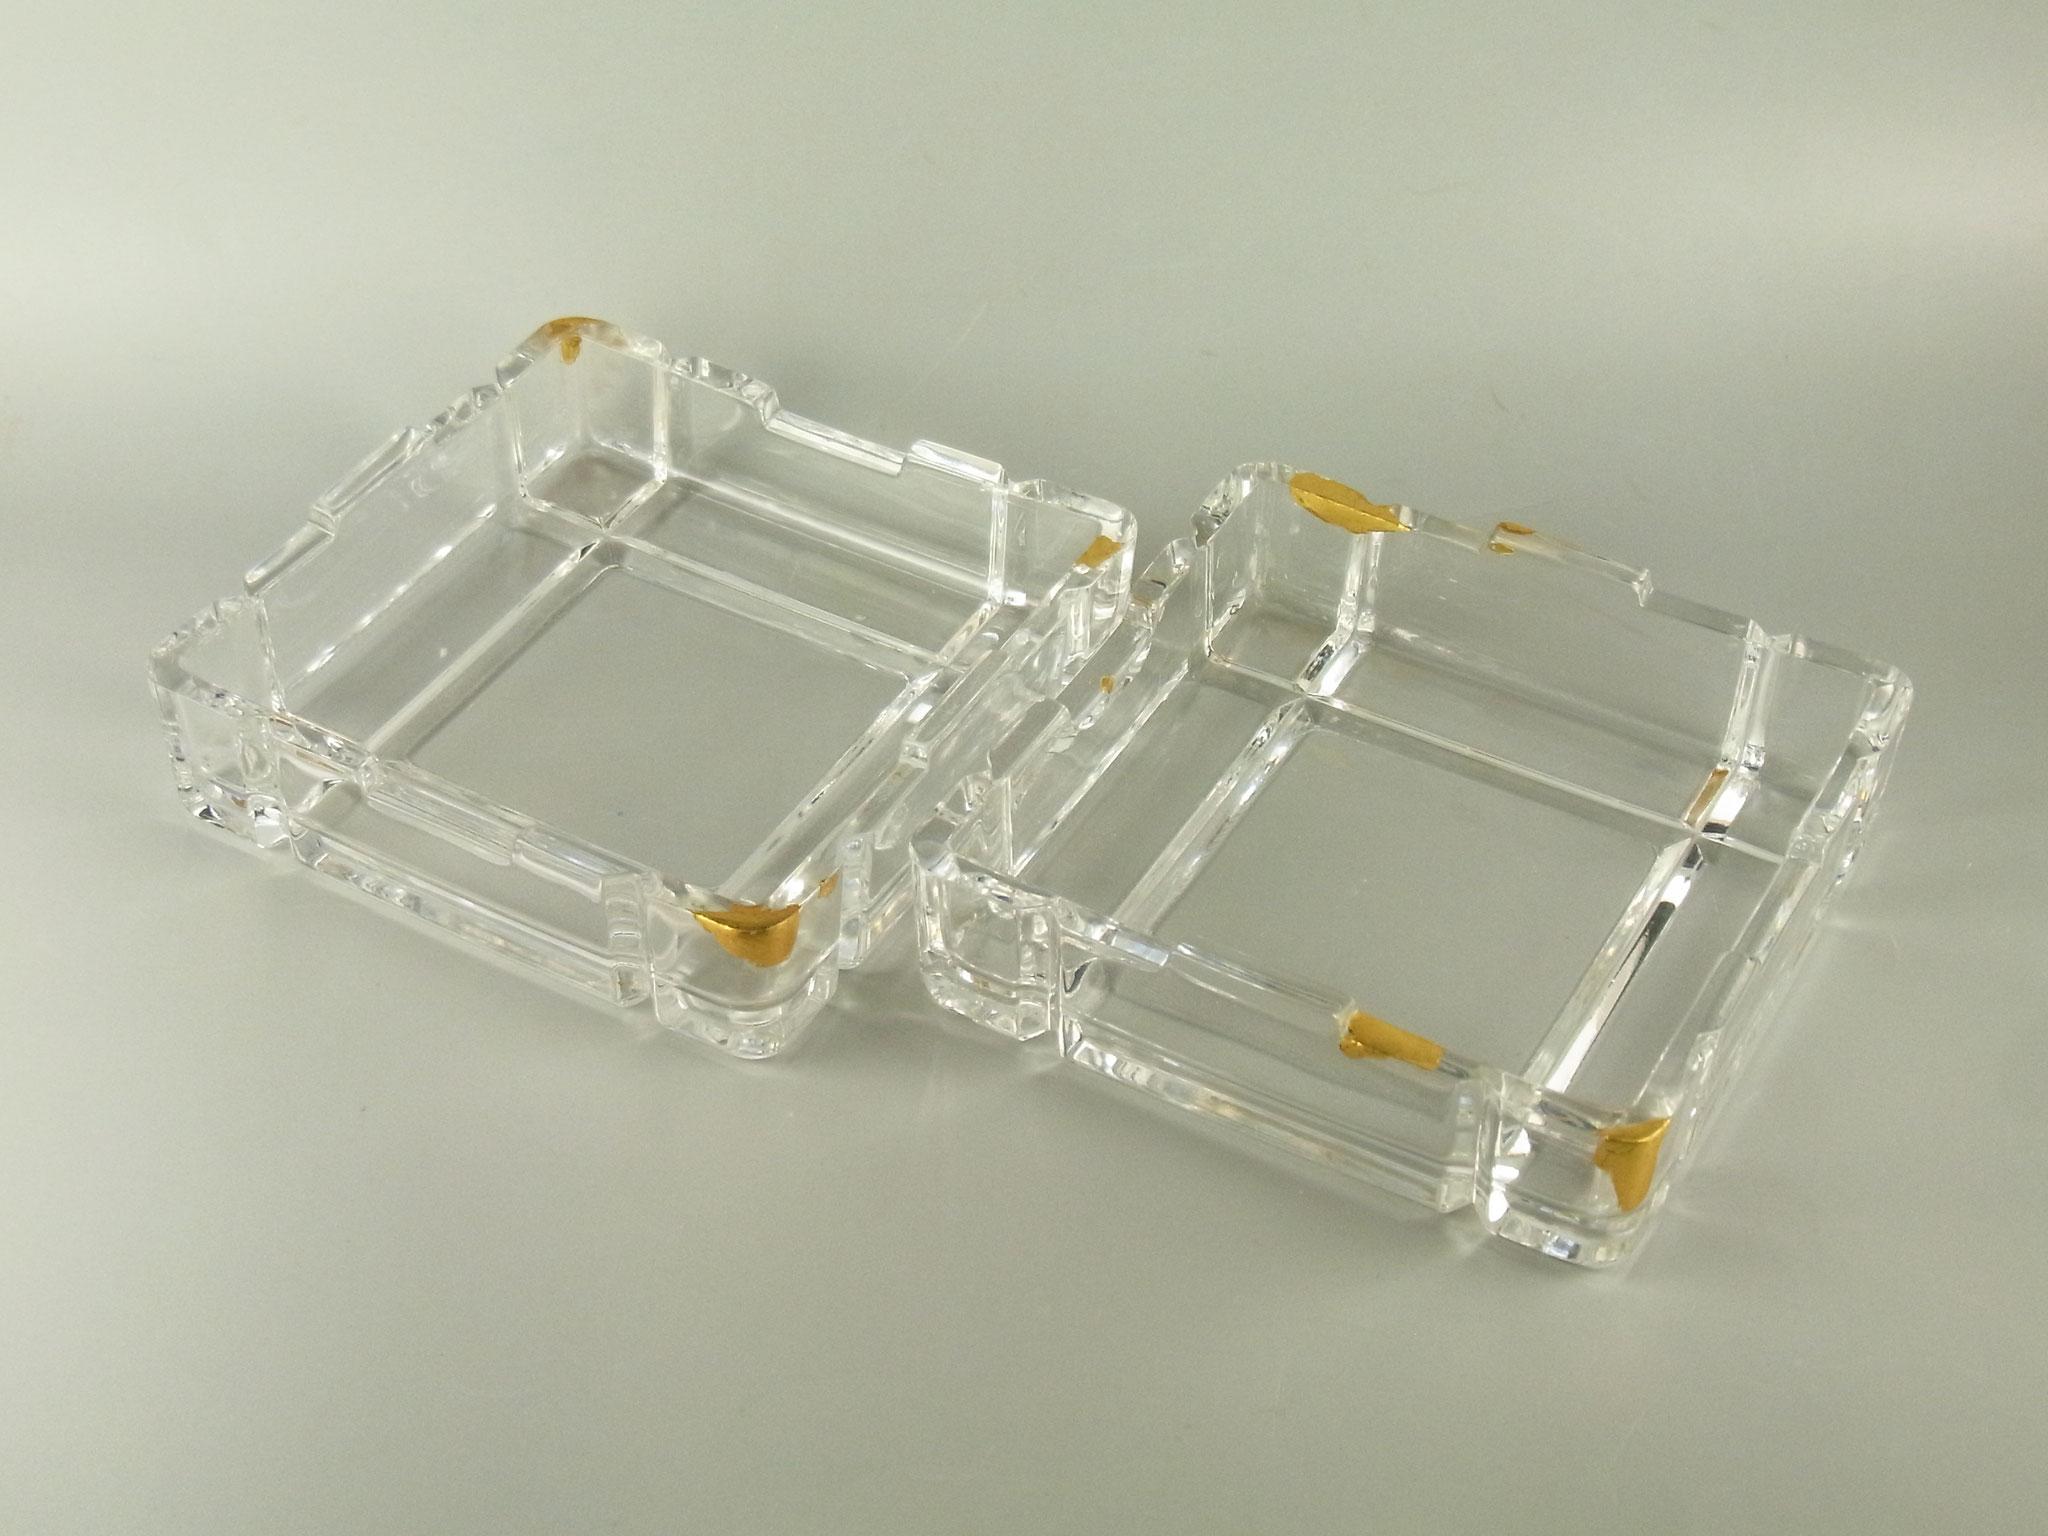 エポキシ樹脂 + 金箔